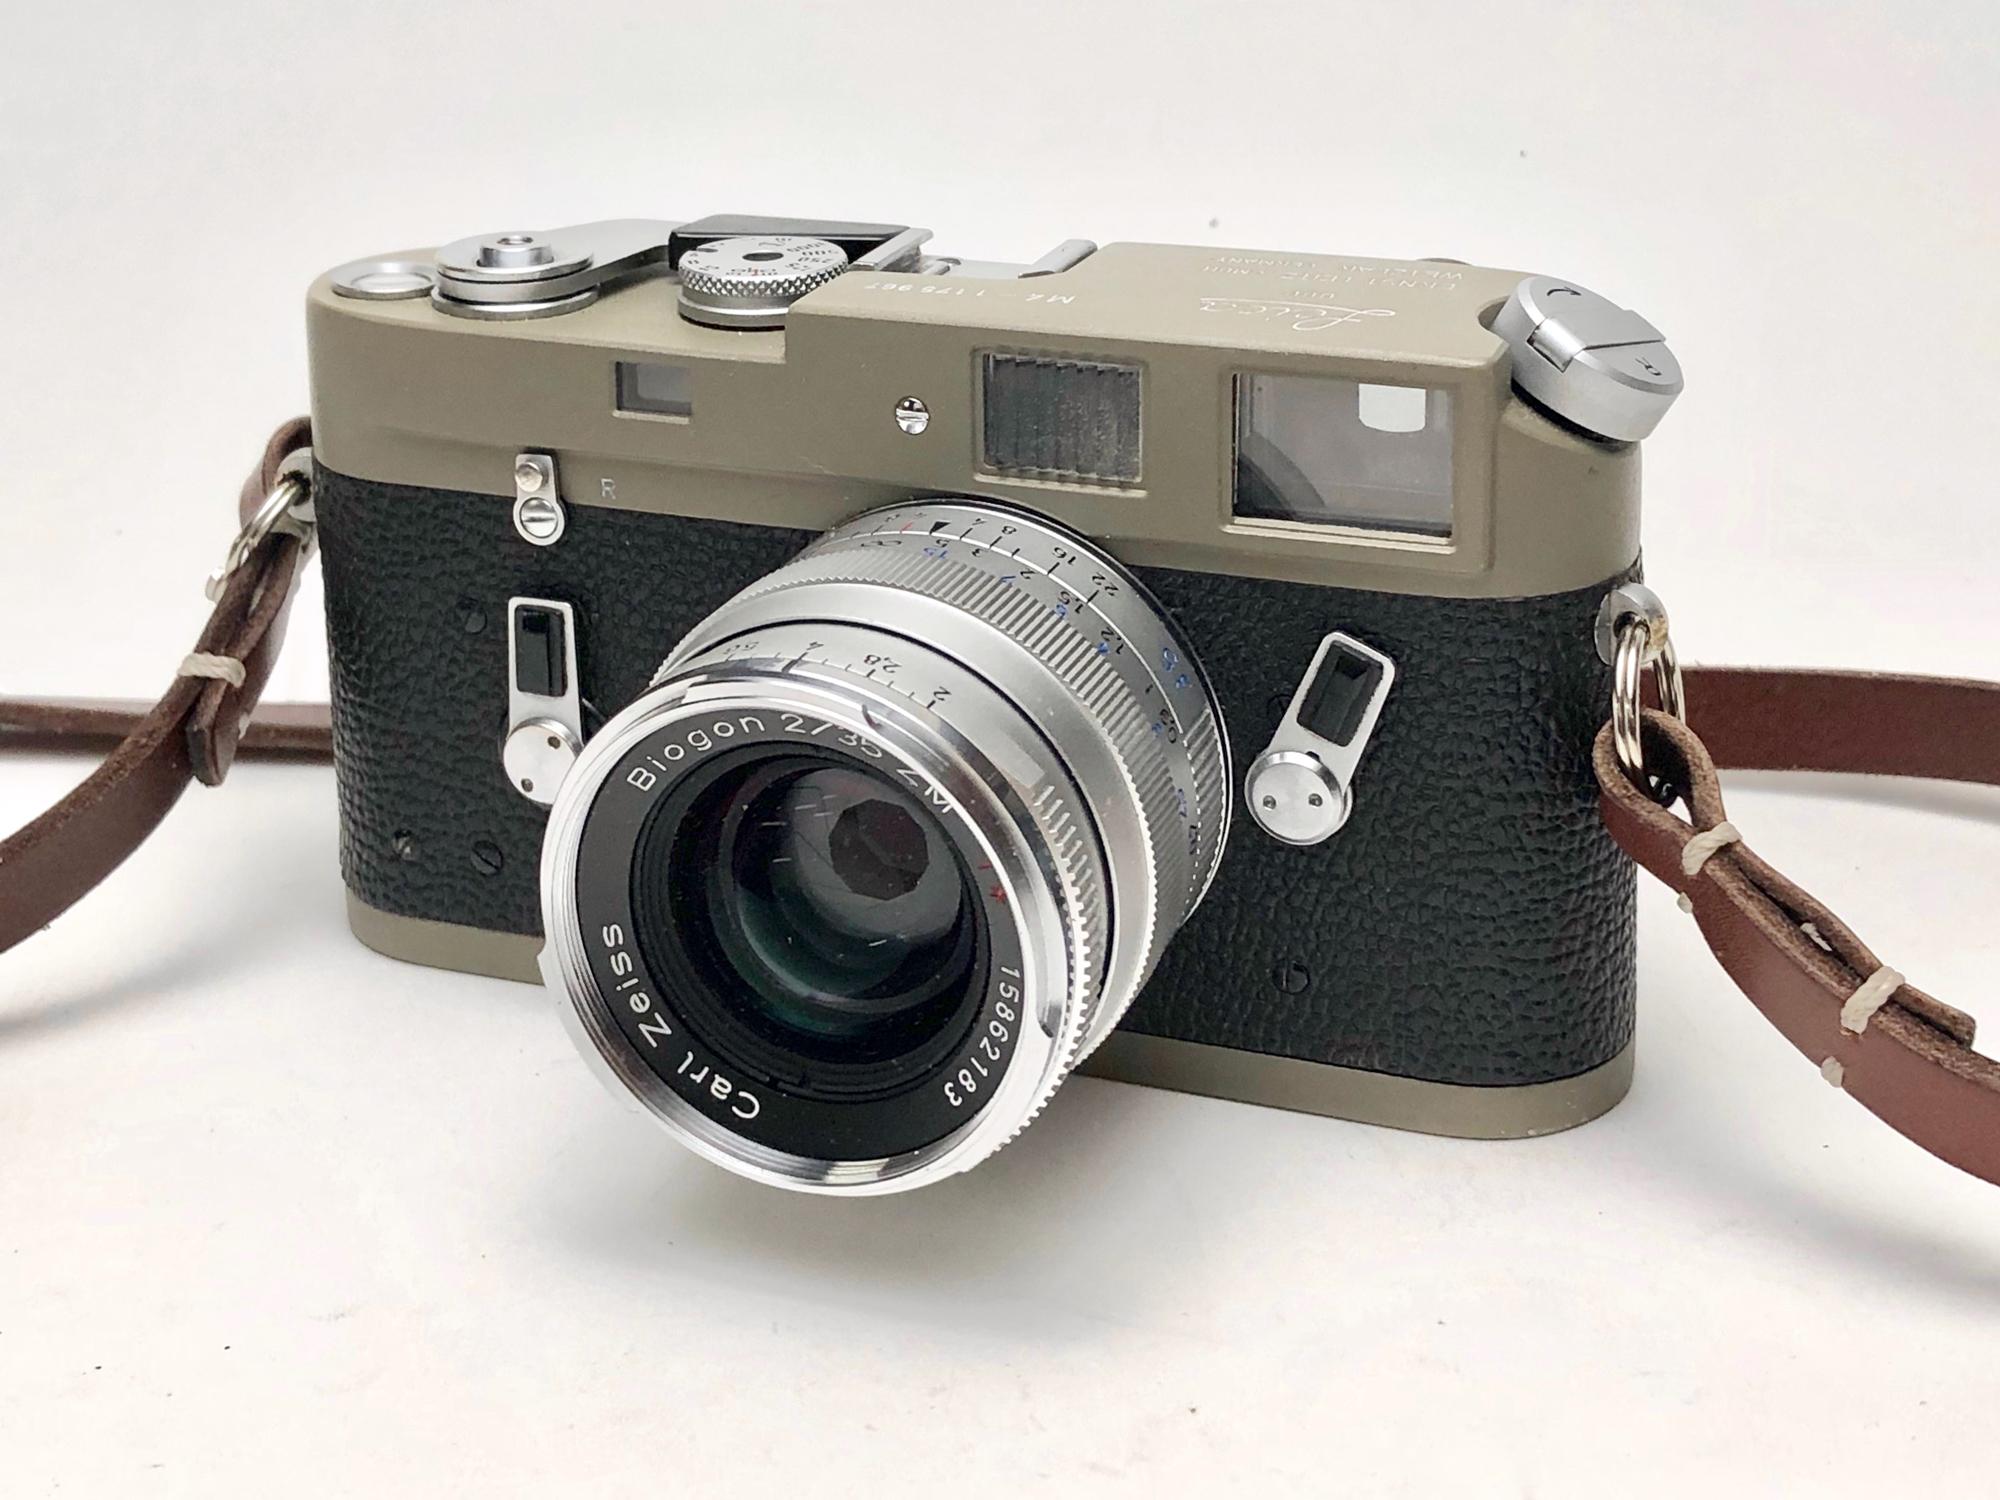 Classic Camera Review: The Leica M4 | B&H Explora